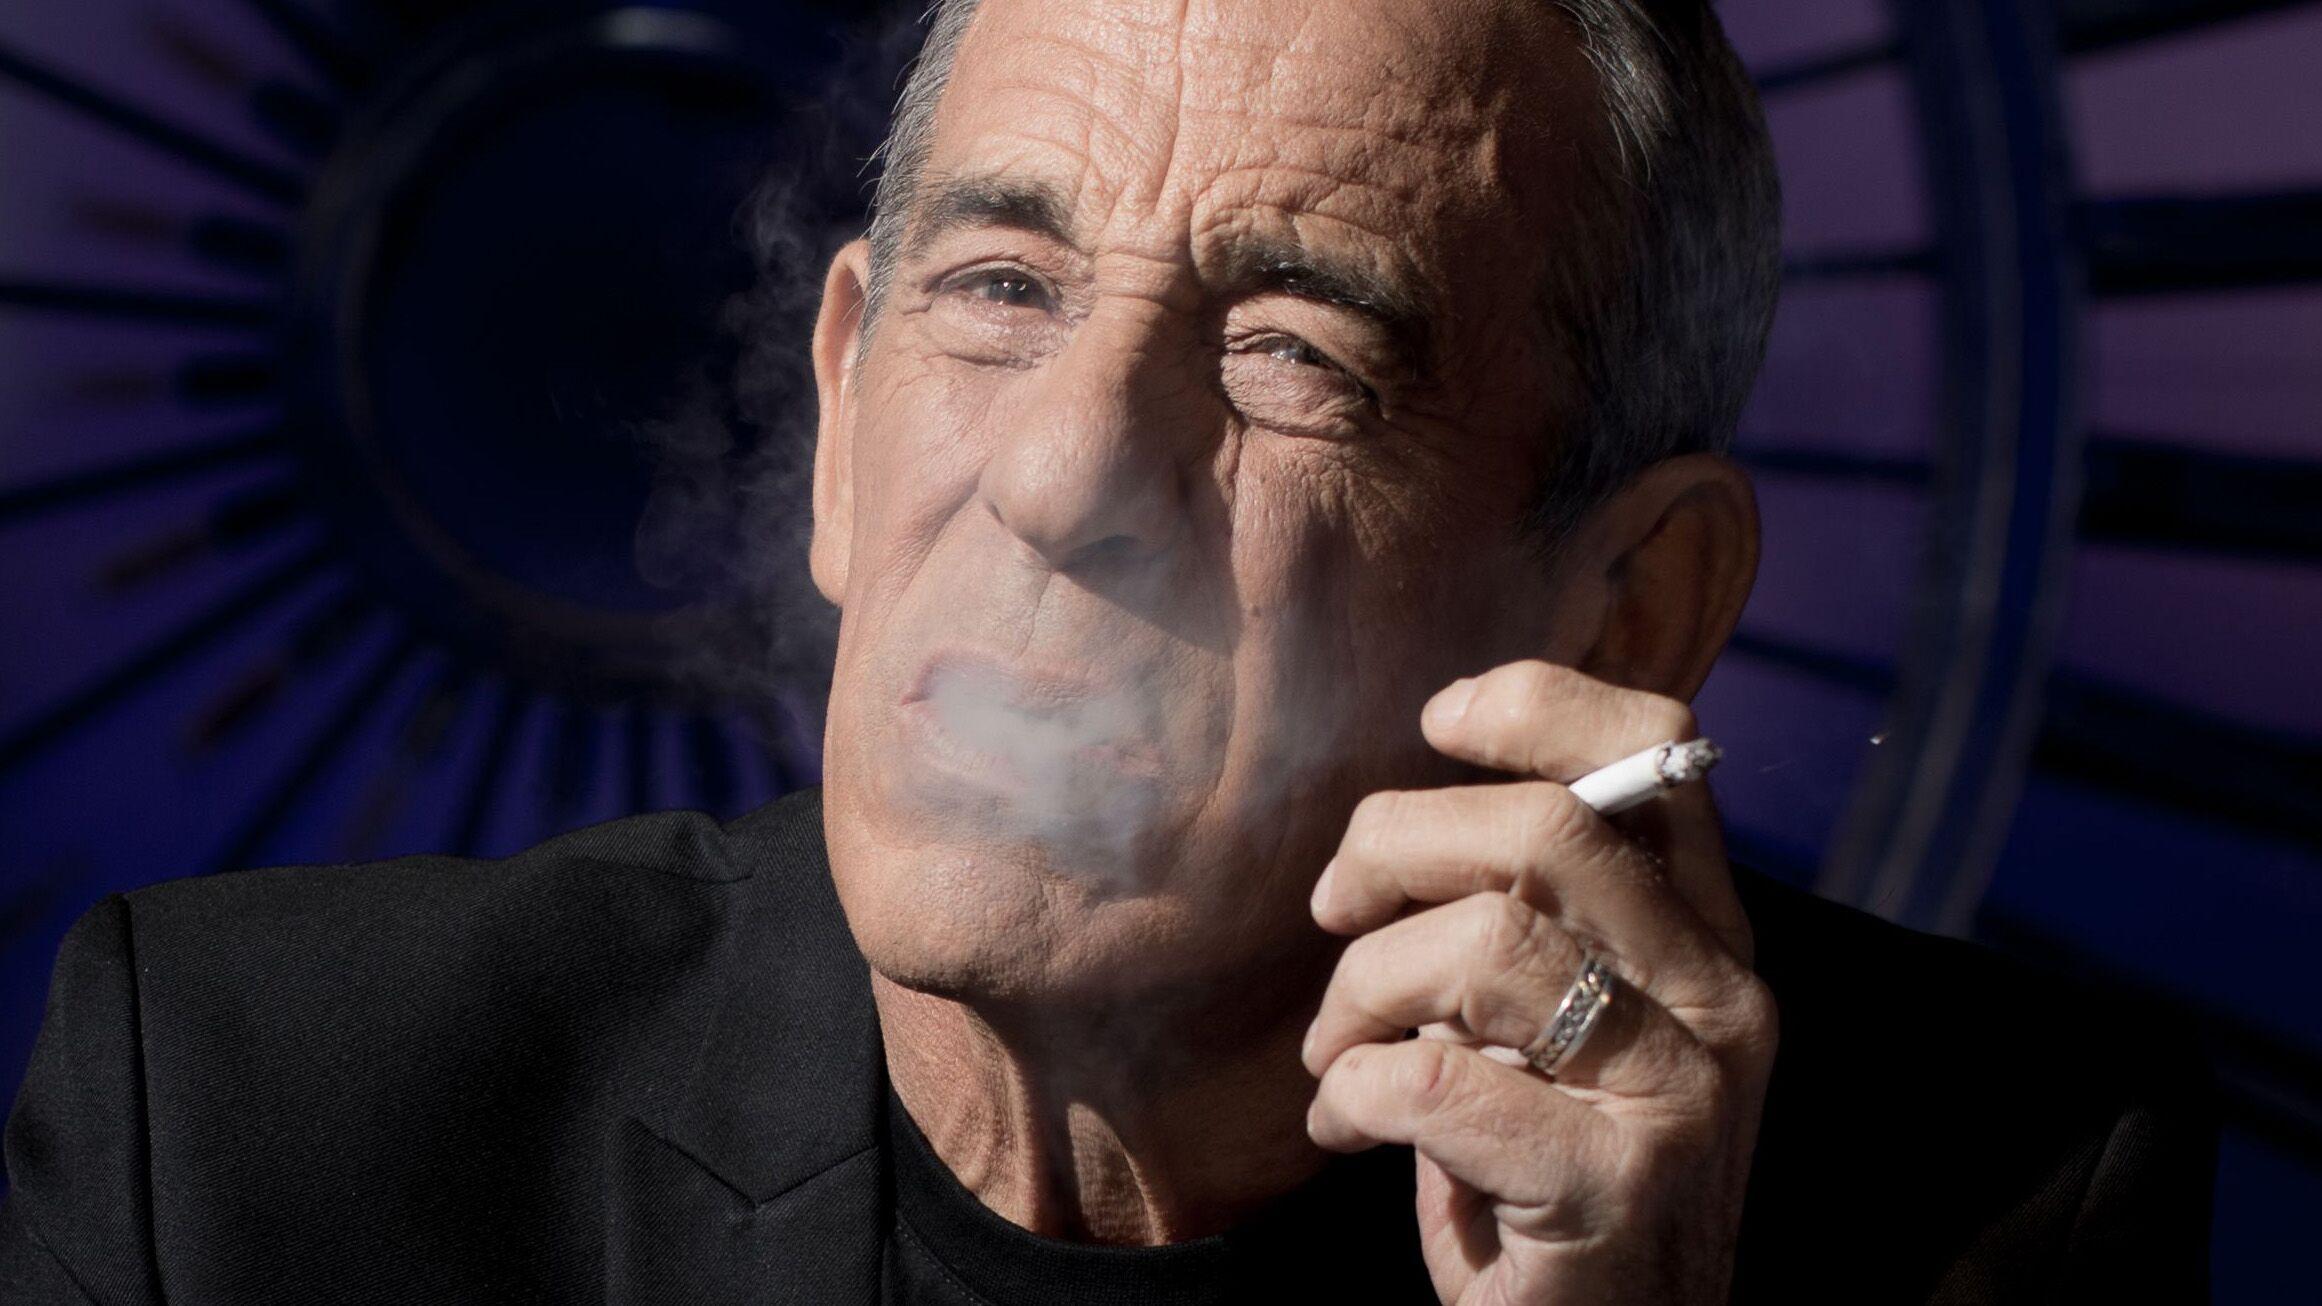 Thierry Ardisson Drogues Et Alcool Les Sombres Coulisses De Ses Emissions De Tele Voici